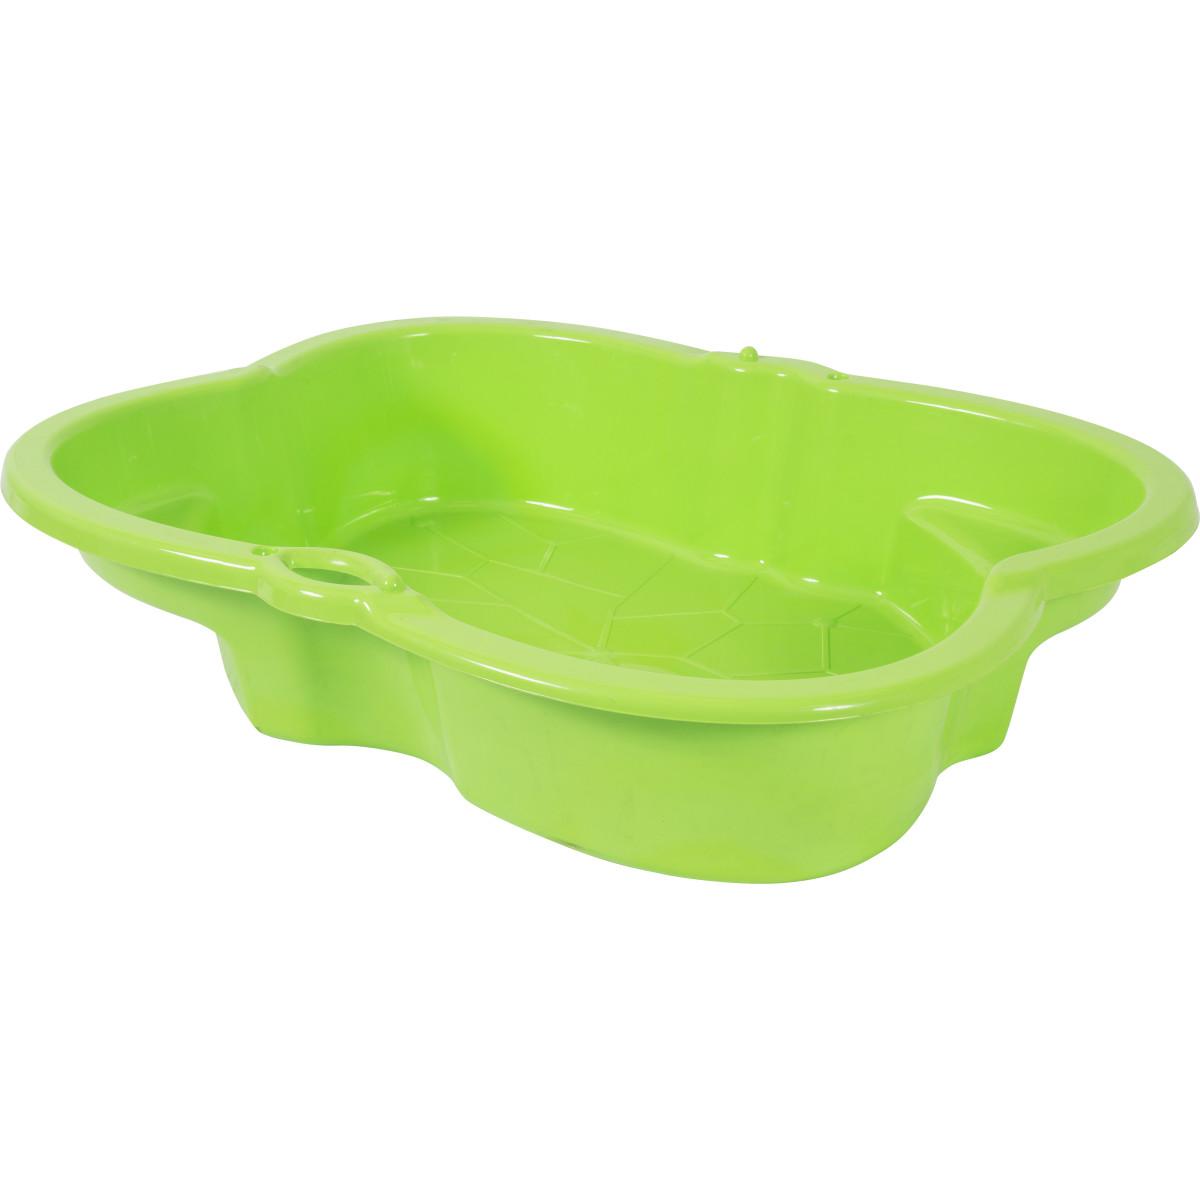 Песочница детская салатовая пластиковая 96х72 см